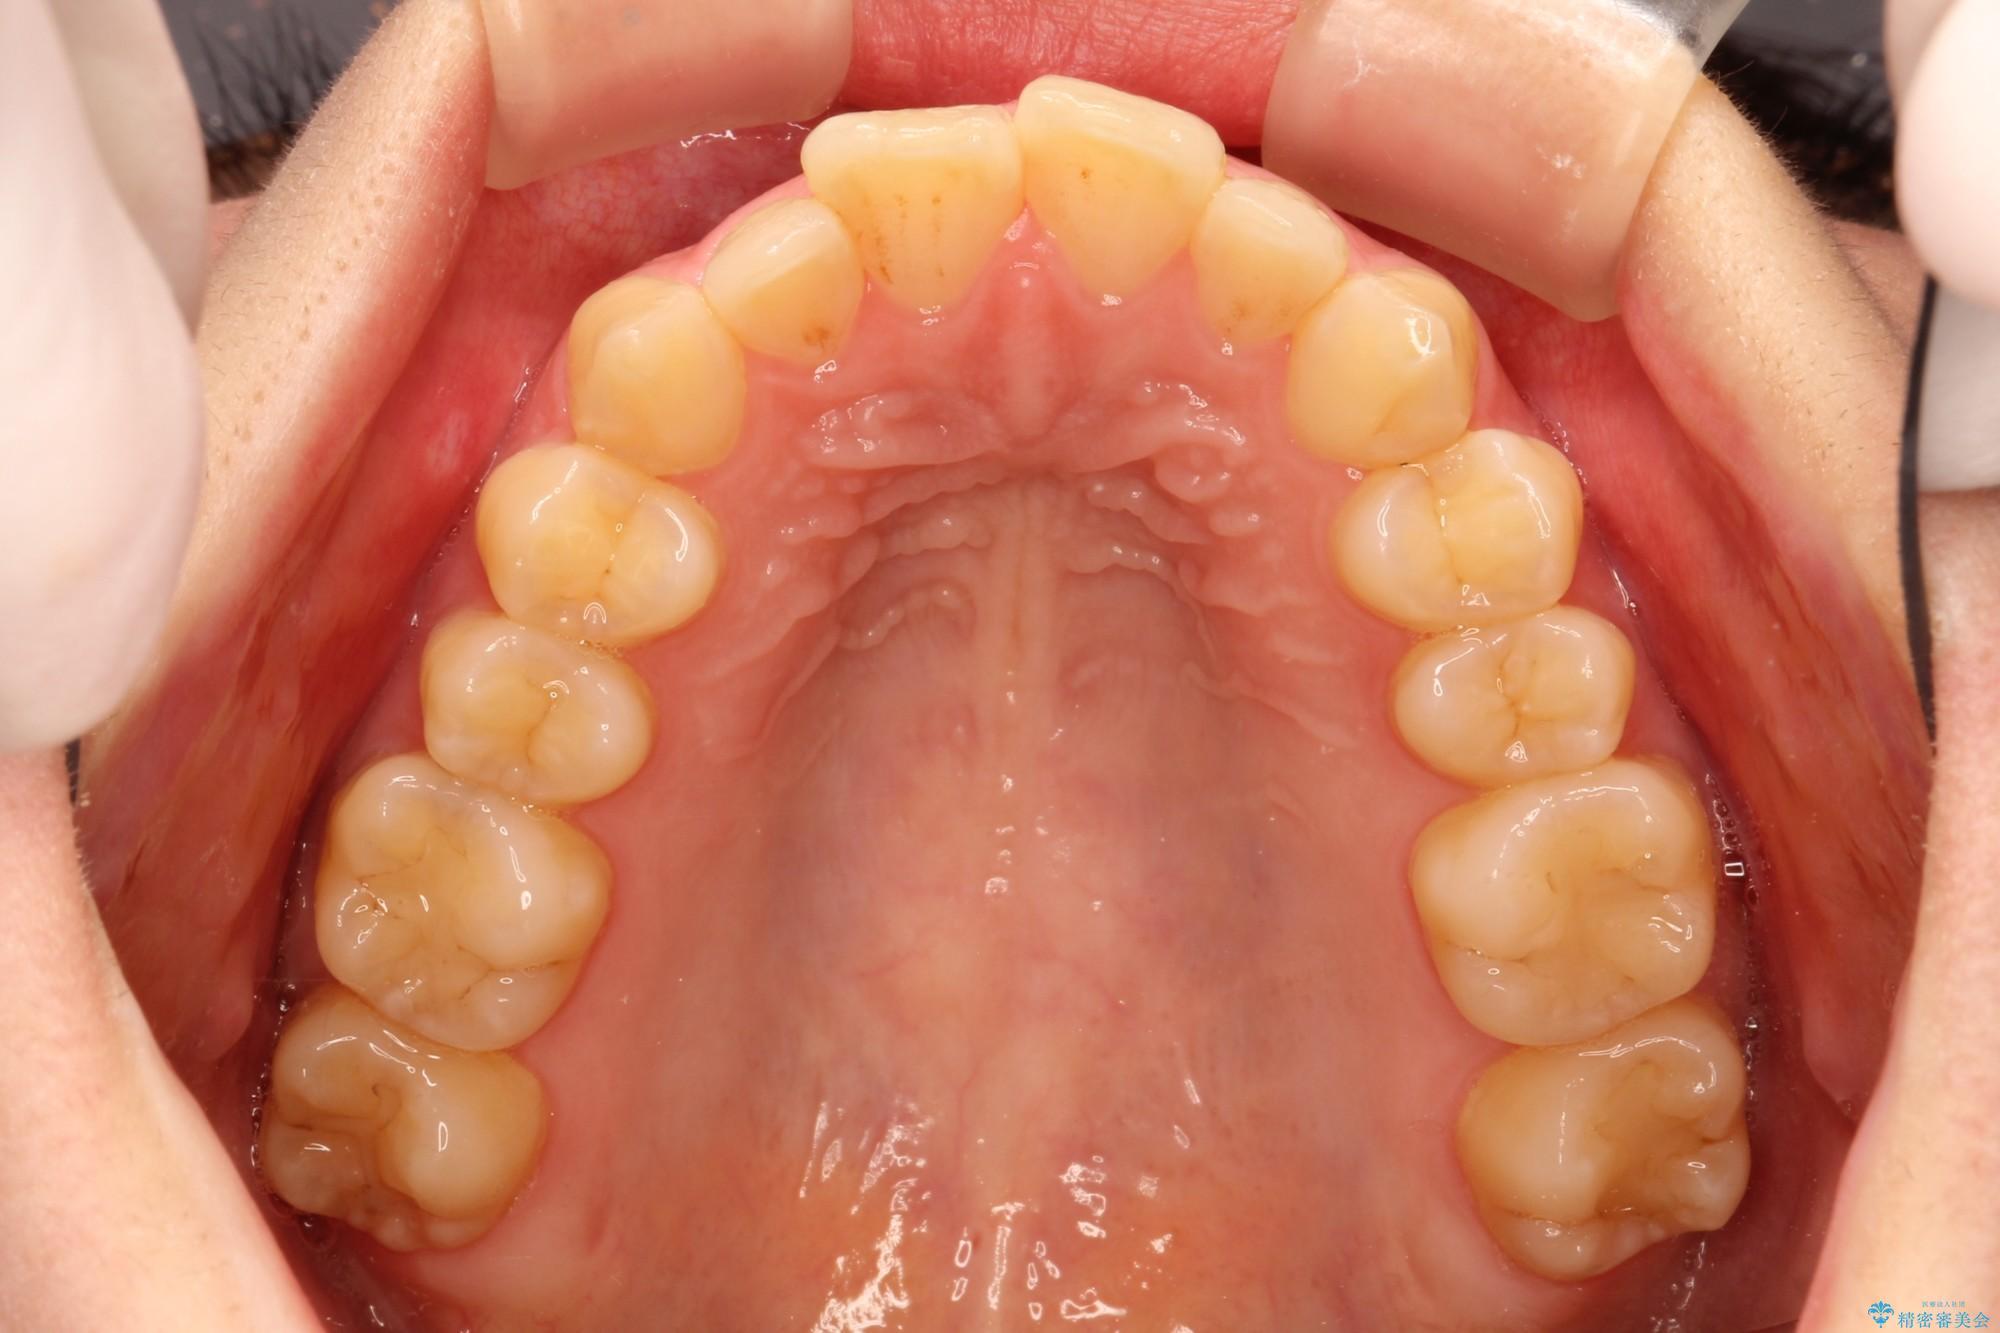 20代女性 出ている前歯をインビザラインで引っ込める(ビフォーアフター) 治療前